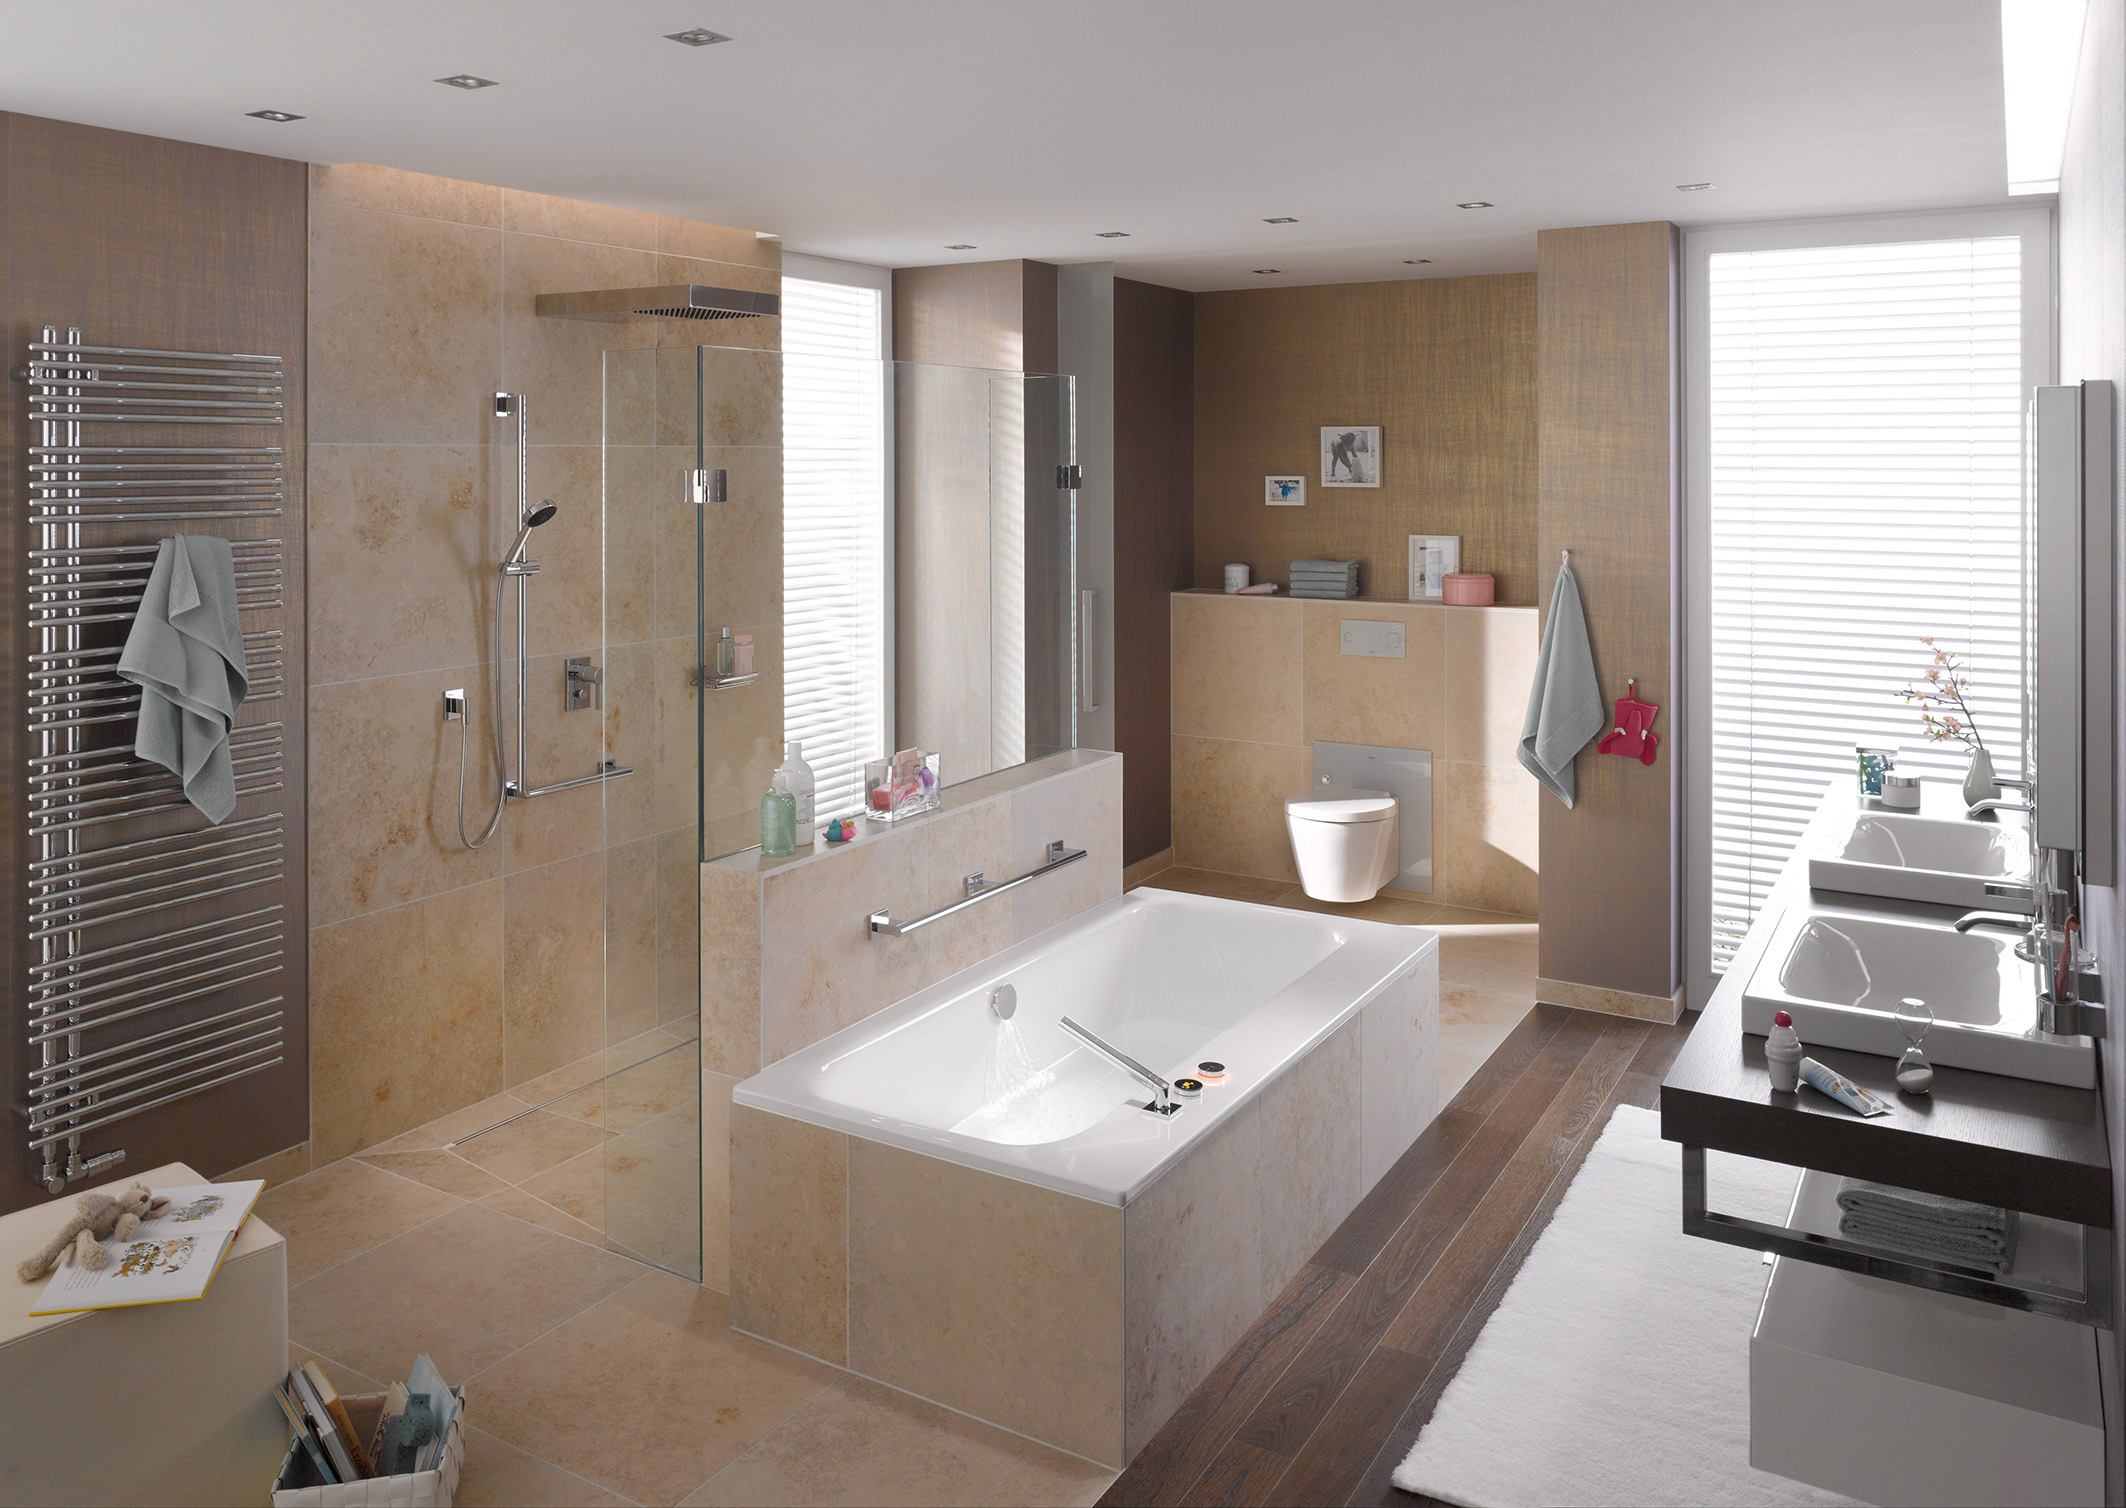 Een comfortabele badkamer voor jong en oud met viega nieuws startpagina voor badkamer idee n - Voorbeeld deco badkamer ...